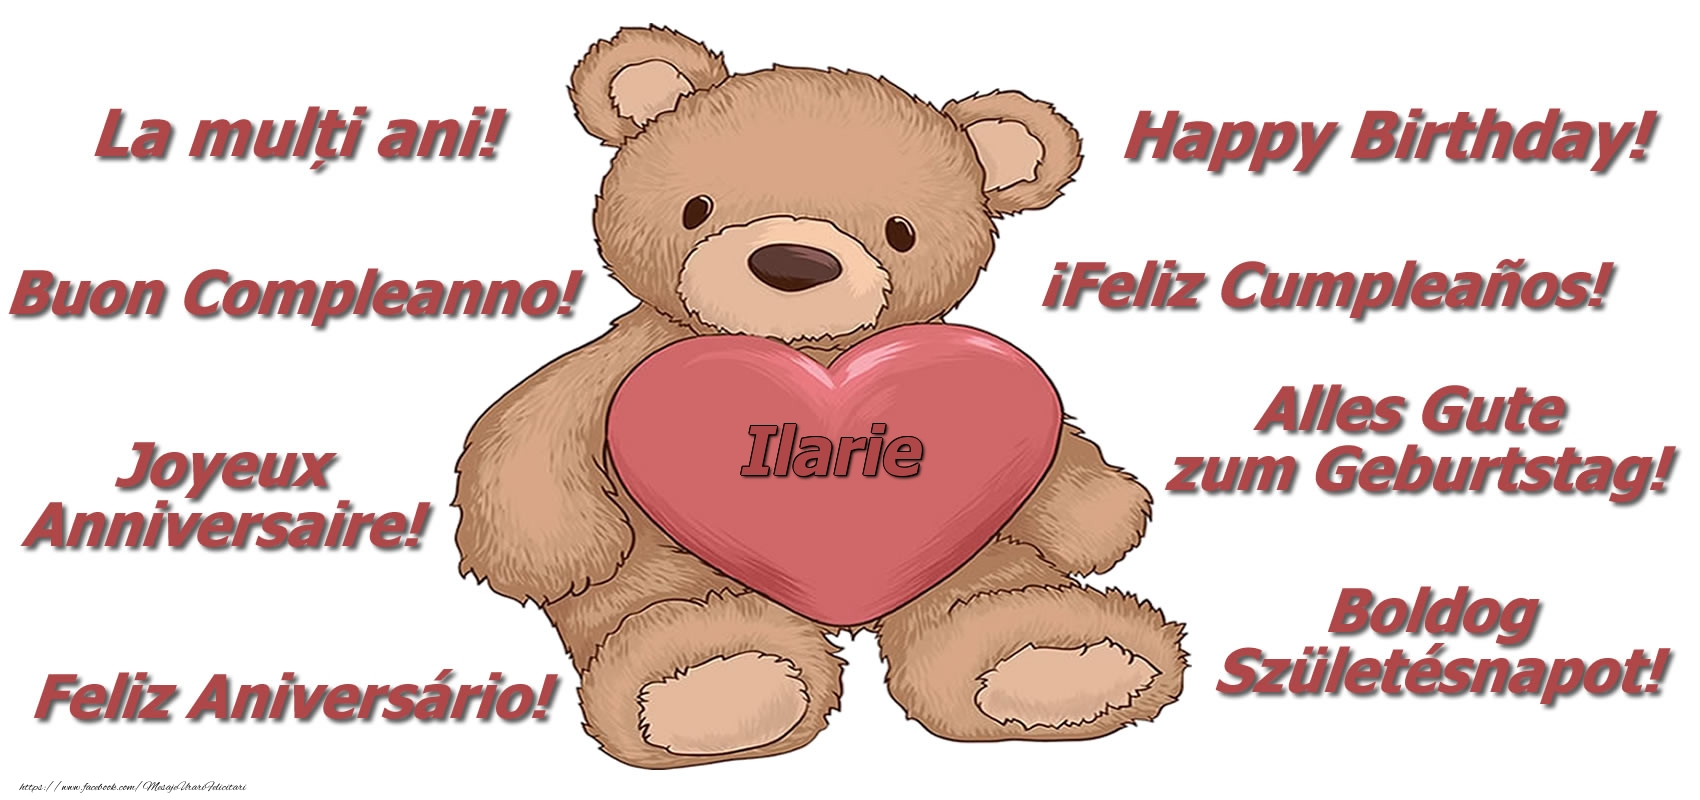 Felicitari de zi de nastere - La multi ani Ilarie! - Ursulet